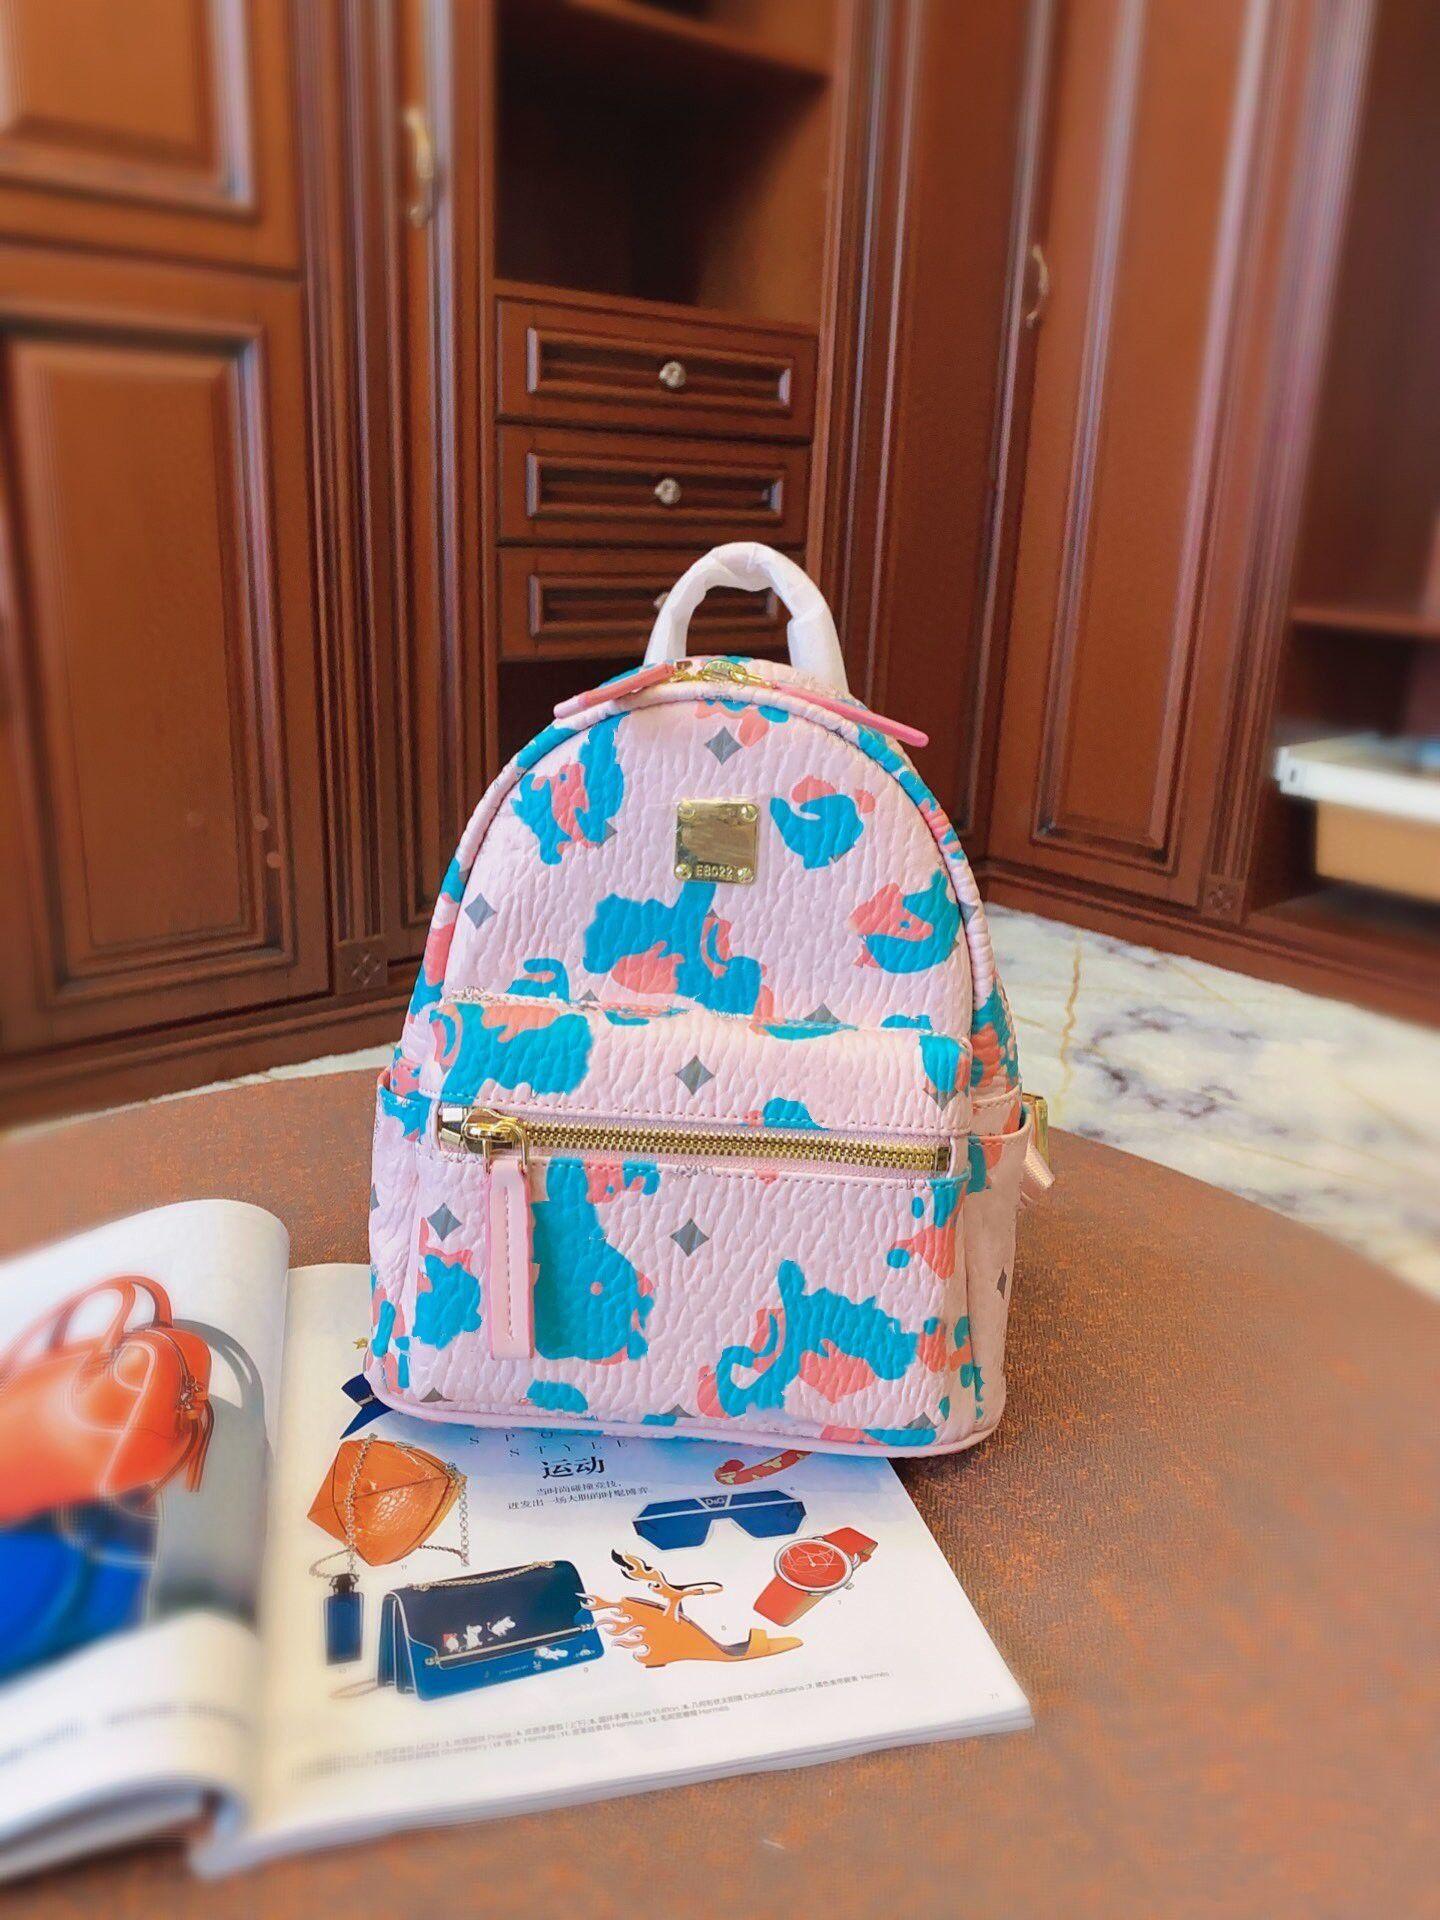 الفتيات موضة جديدة الفهد الأزهار على ظهره حقيبة مدرسية وردي الترفيه